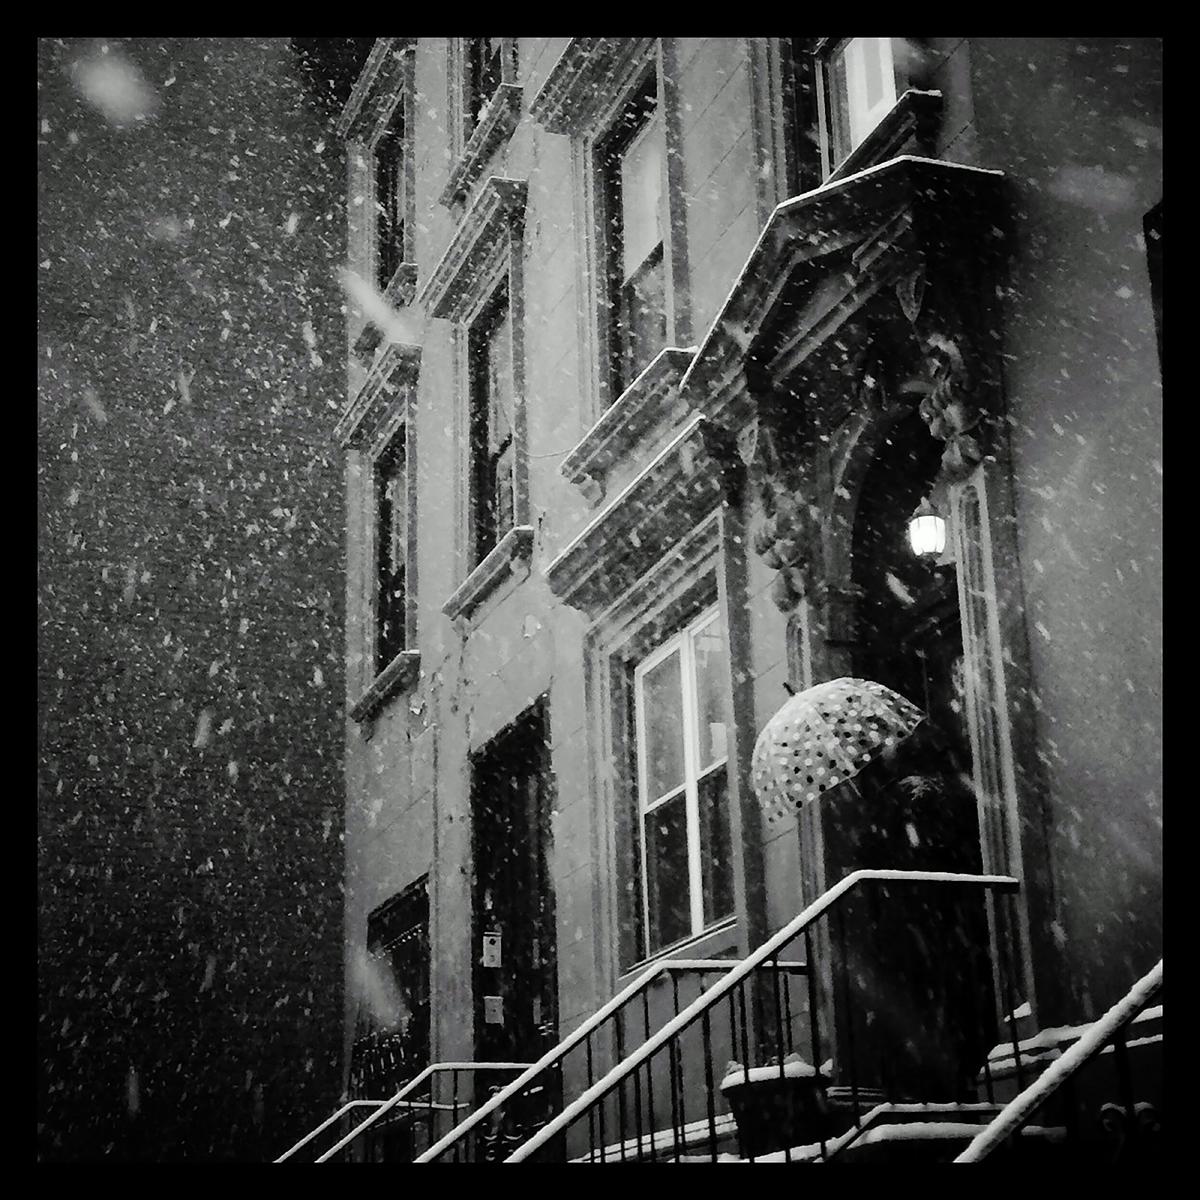 Snow in Brooklyn, NY on January 9, 2015.